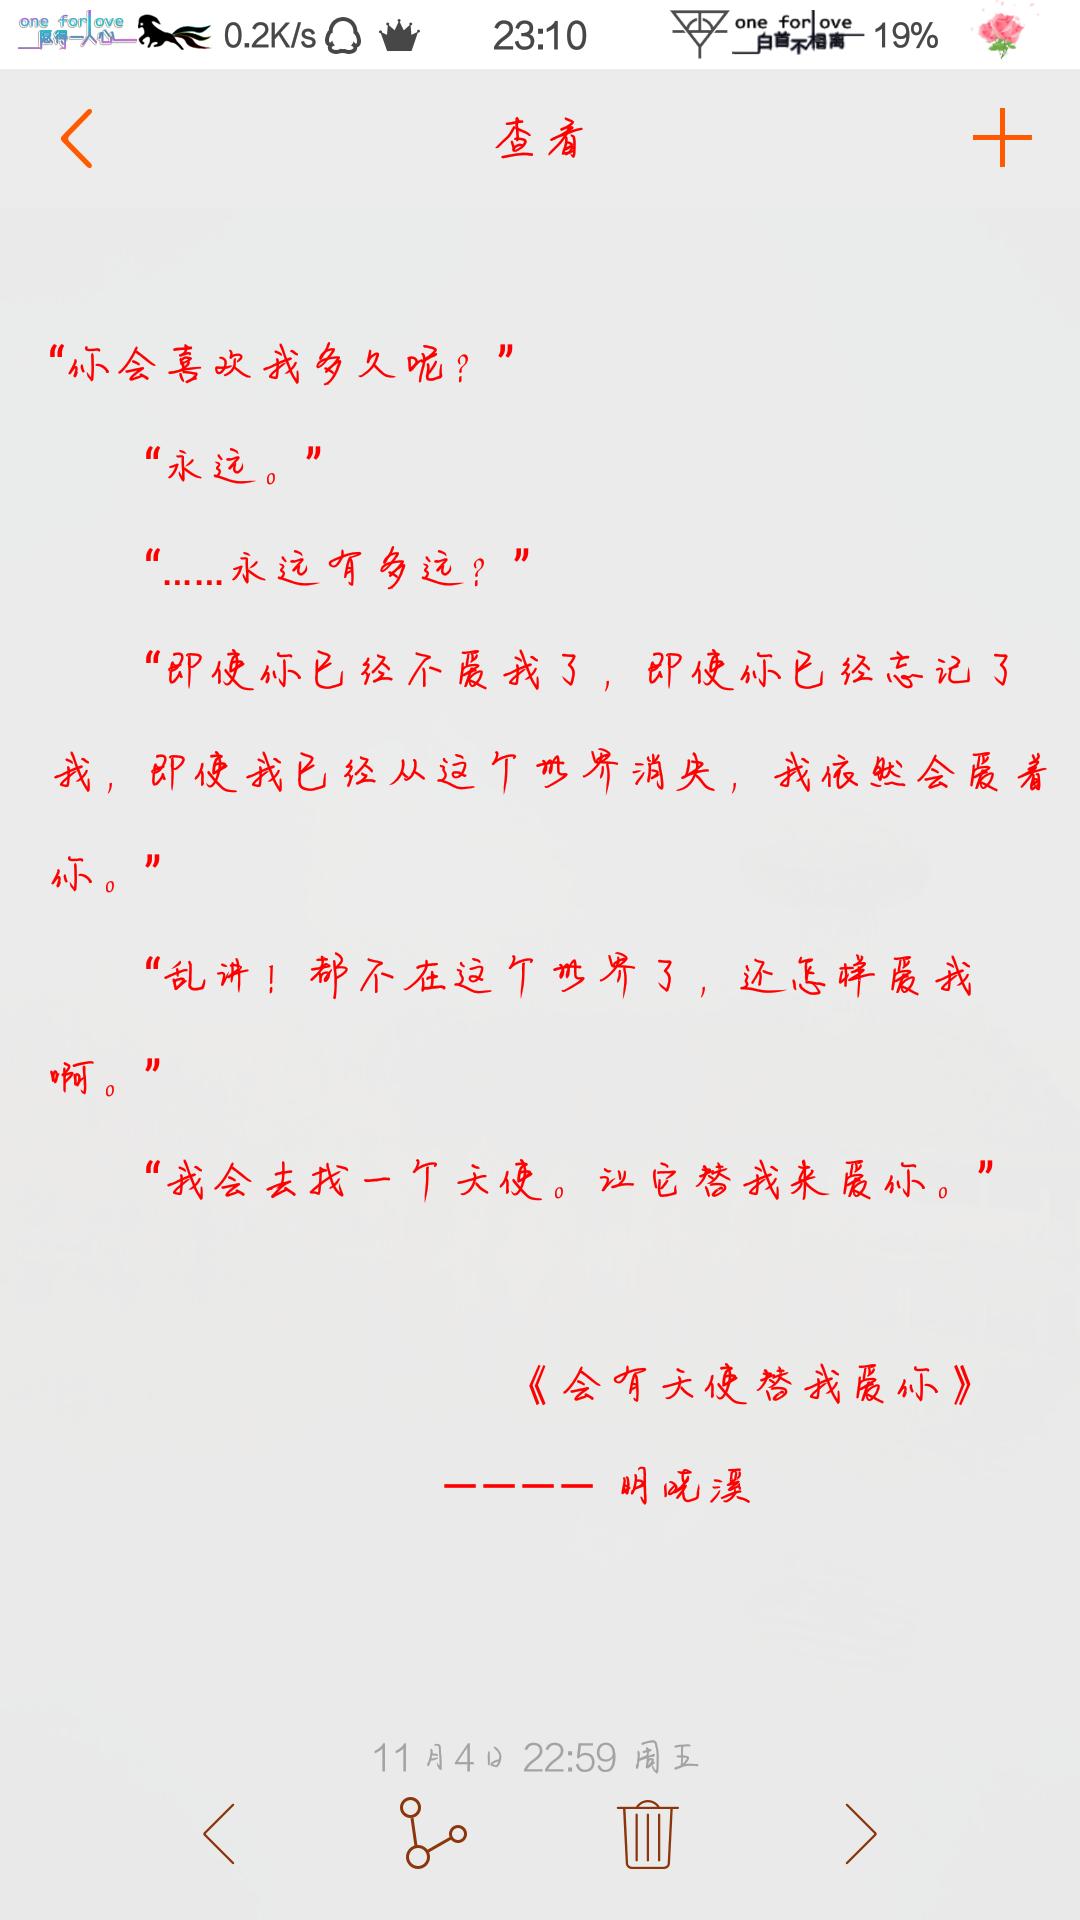 手写钢笔字体图片